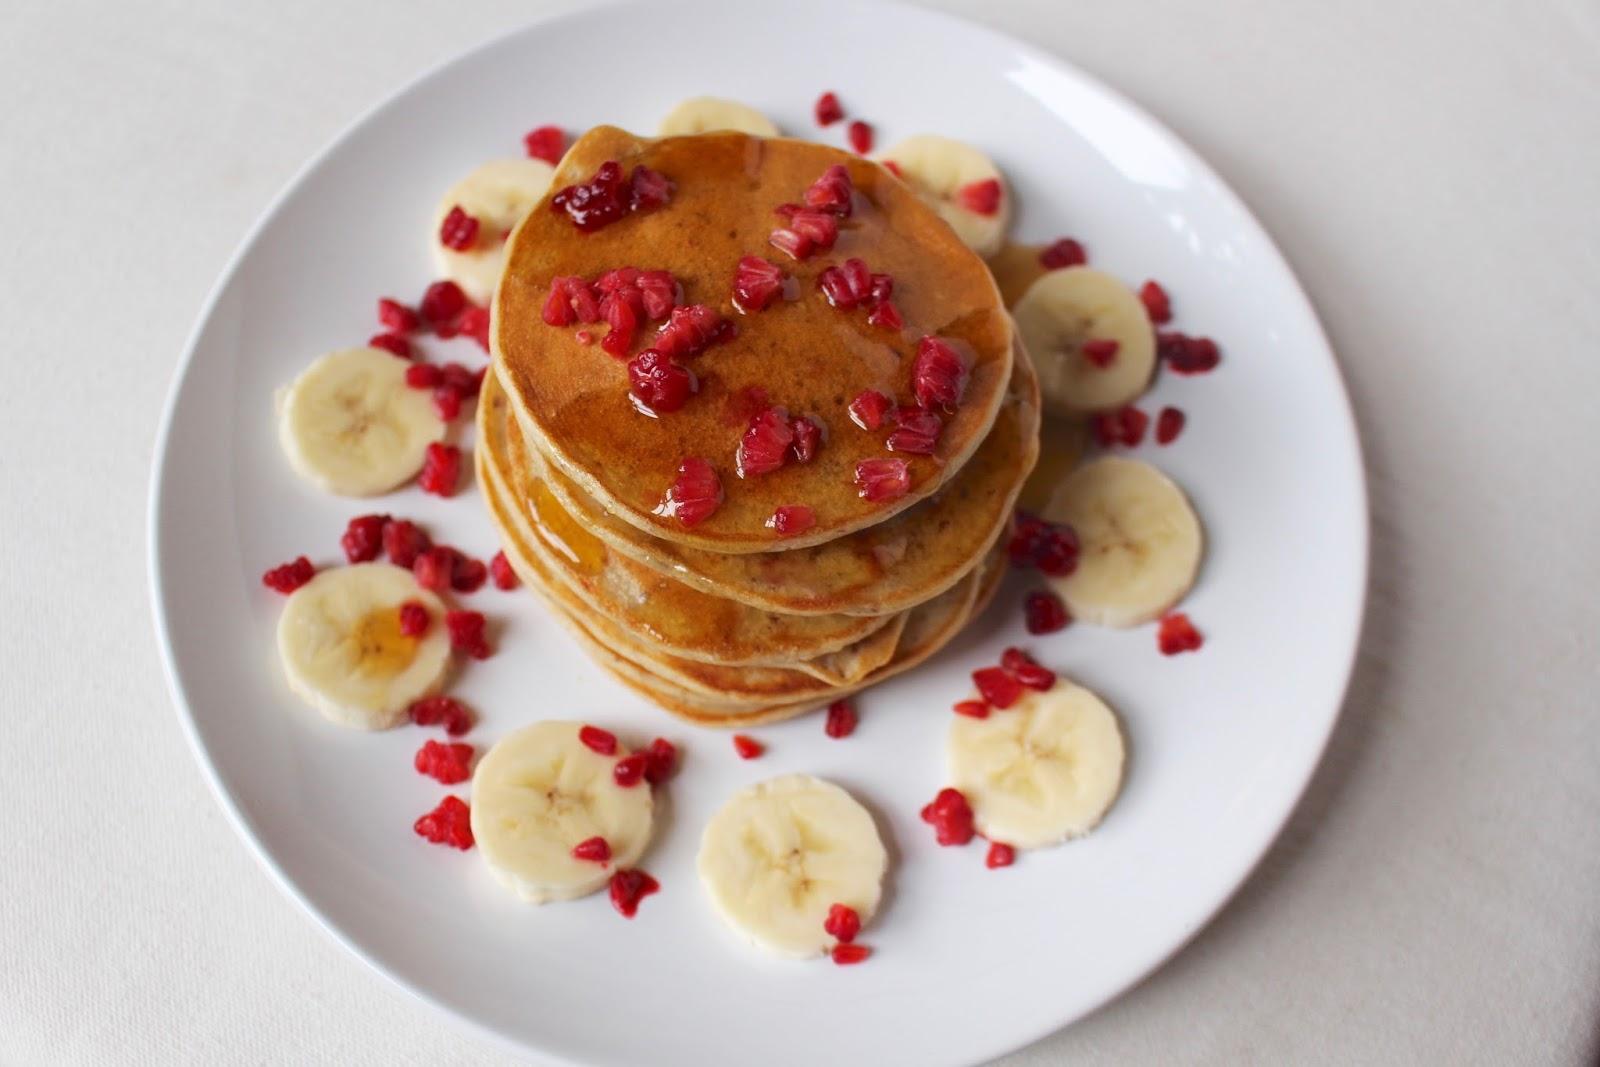 Vegan banana pancake stack